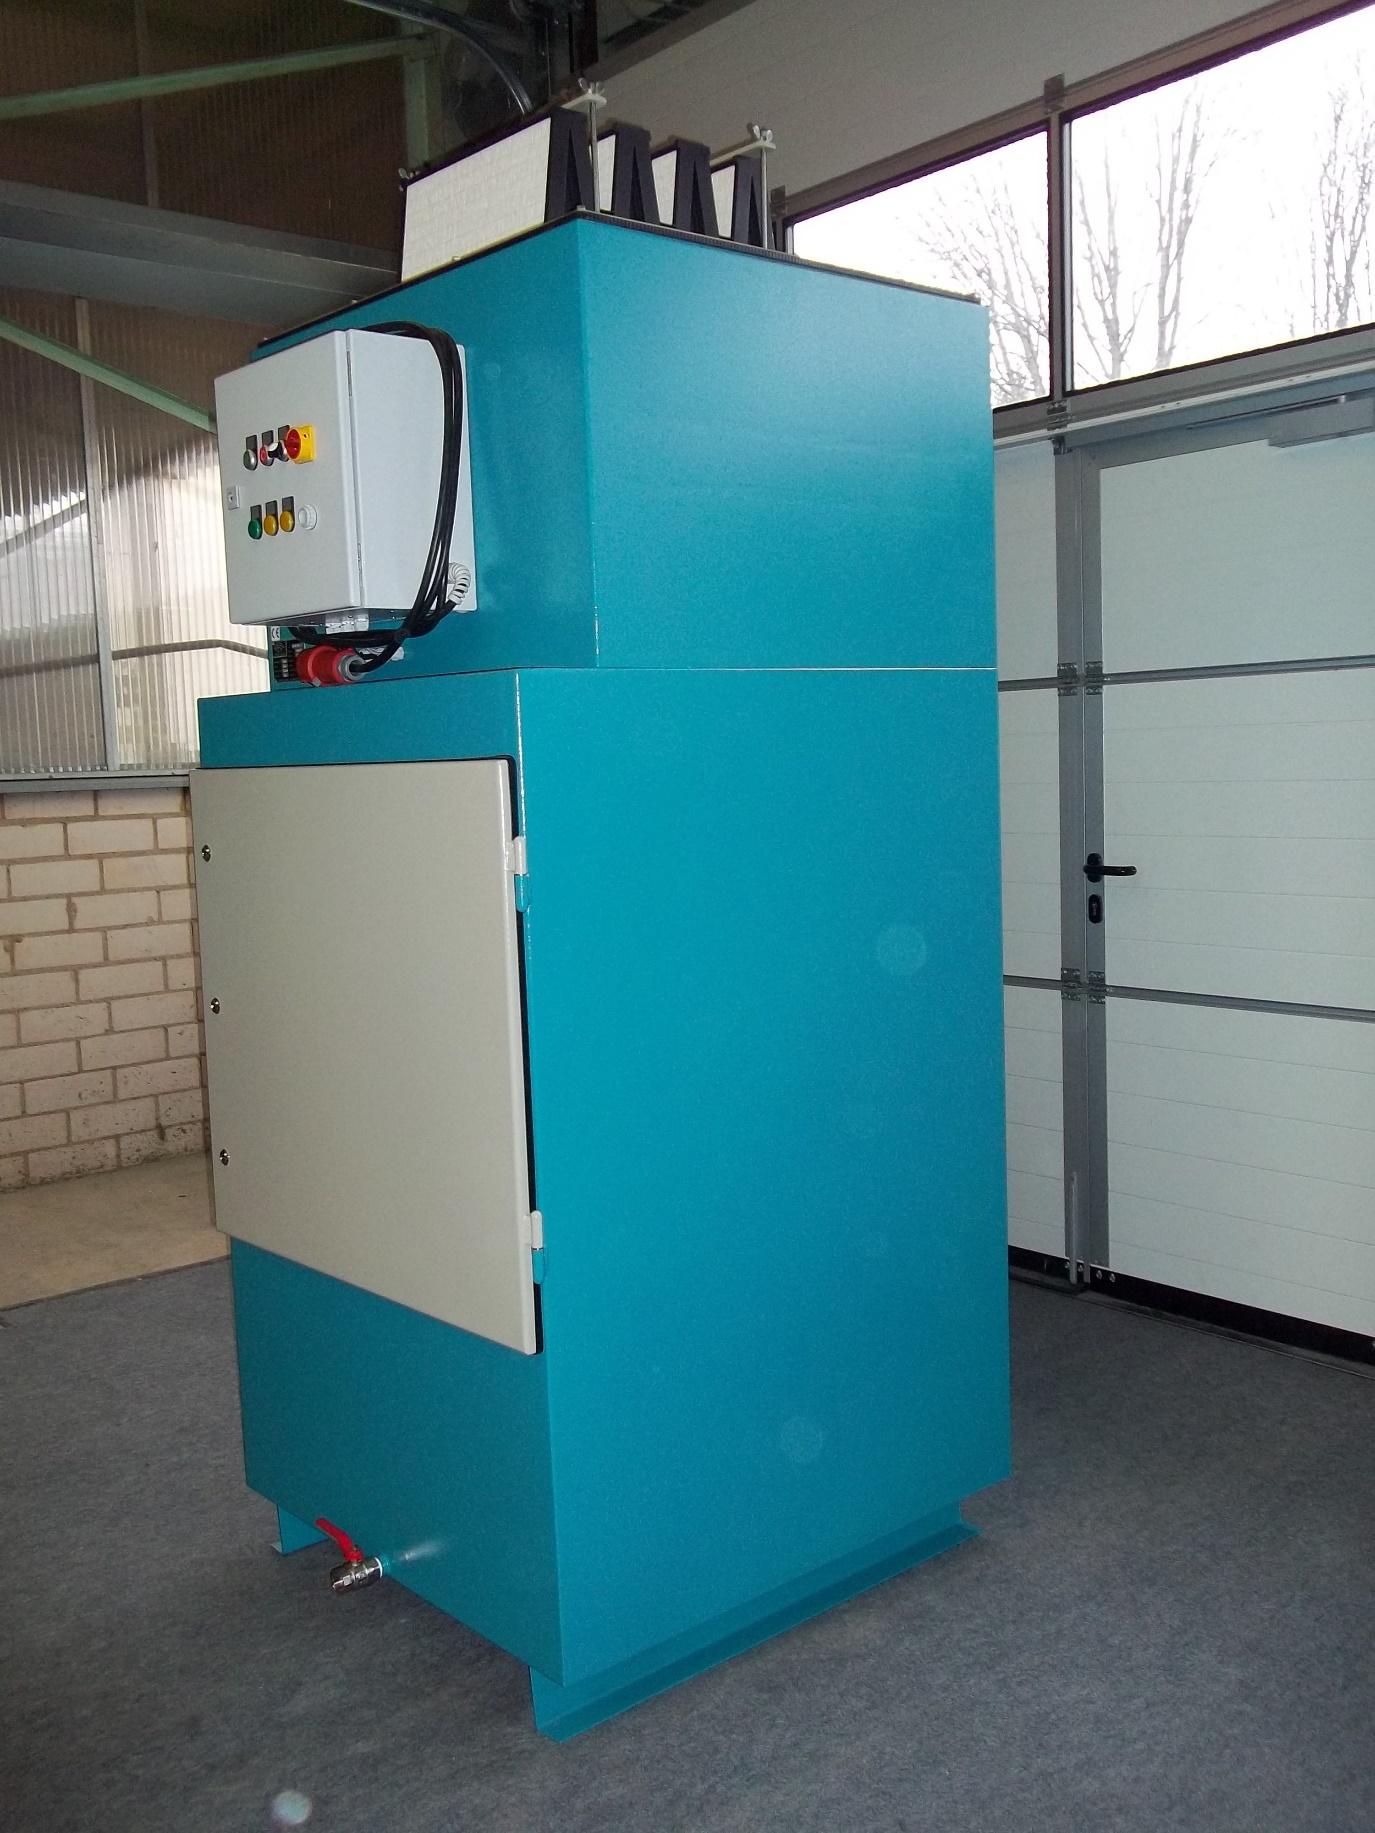 Waschblock zur Absaugung von Alu-Schleifstäuben gemäß ATEX und BGR 109 als Zentralabsaugung mit aufgebauter Nachfilterstufe für 2 - 3 Arbeitsplätze